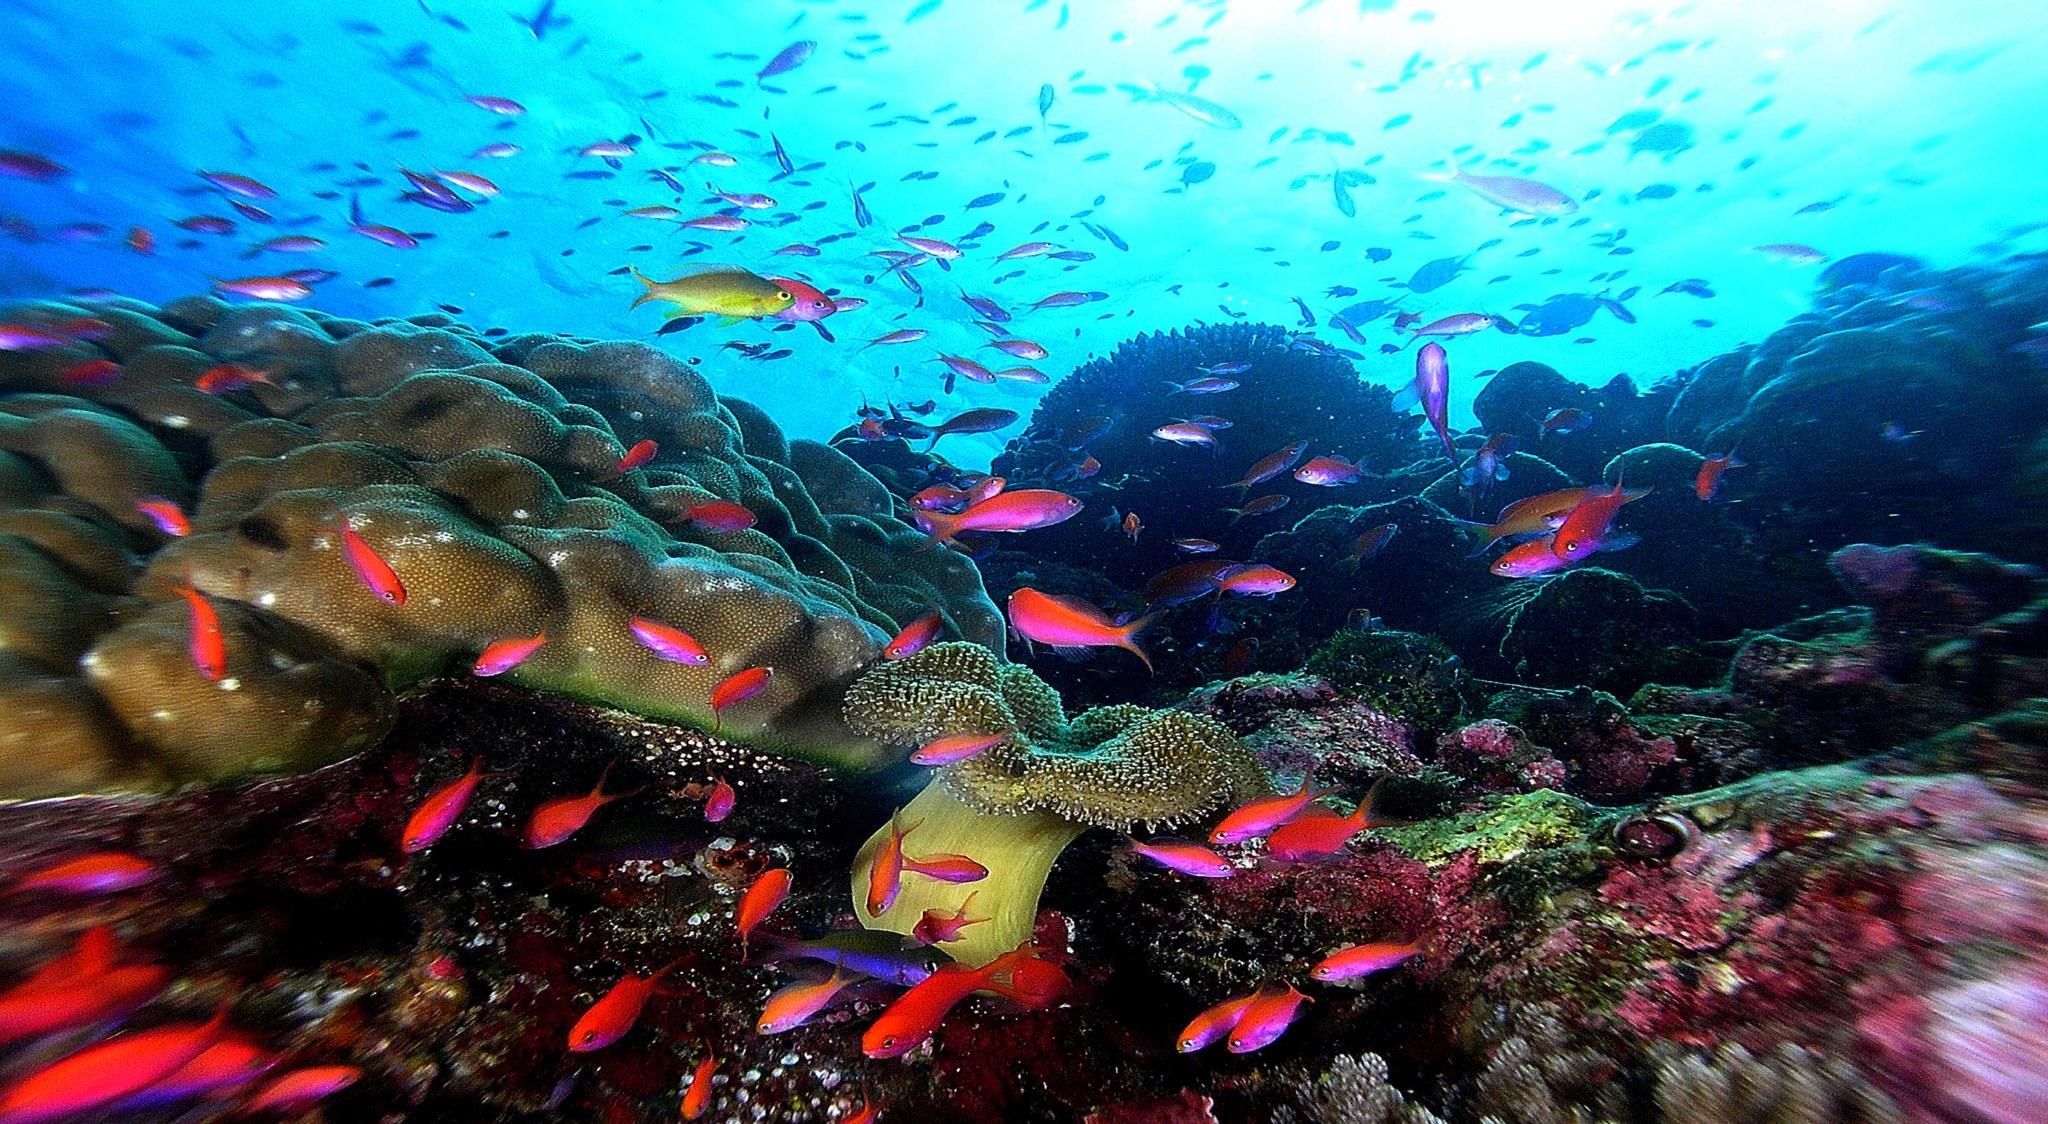 Tauchen in Malaysia bedeutet Bunte Riffe und dichte Fischwärme